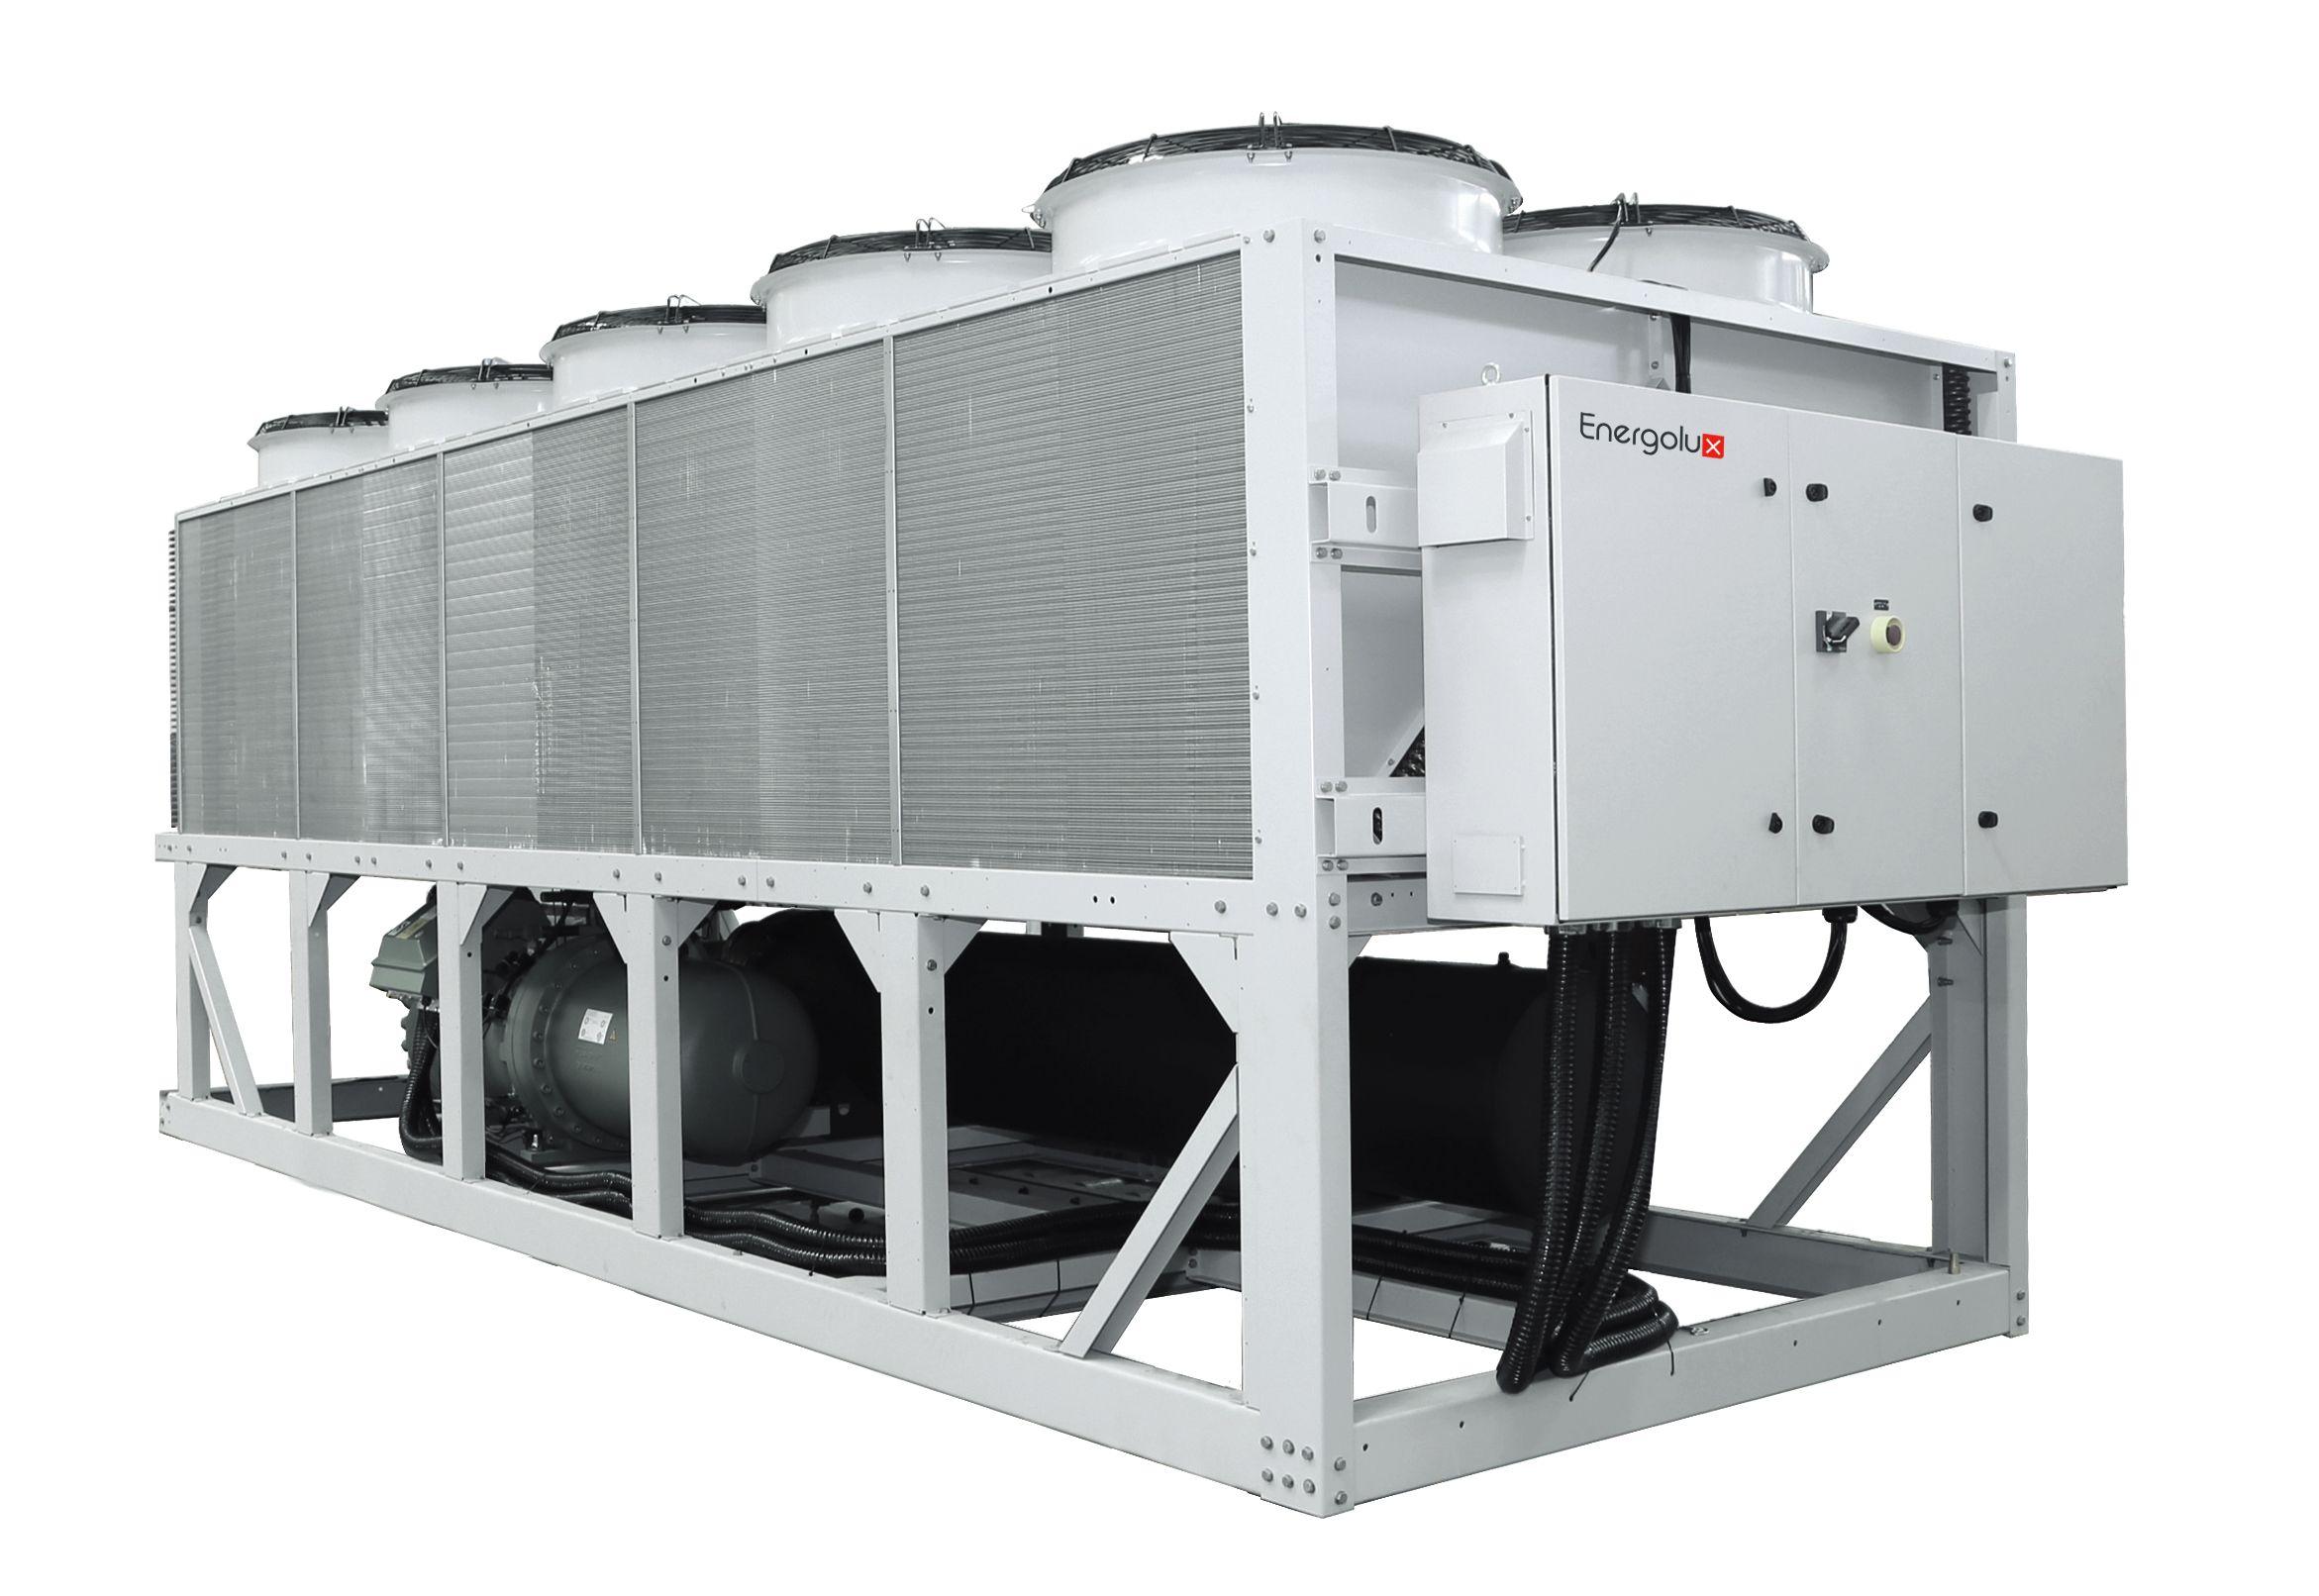 Energolux SCAW-FC-T 21140 V